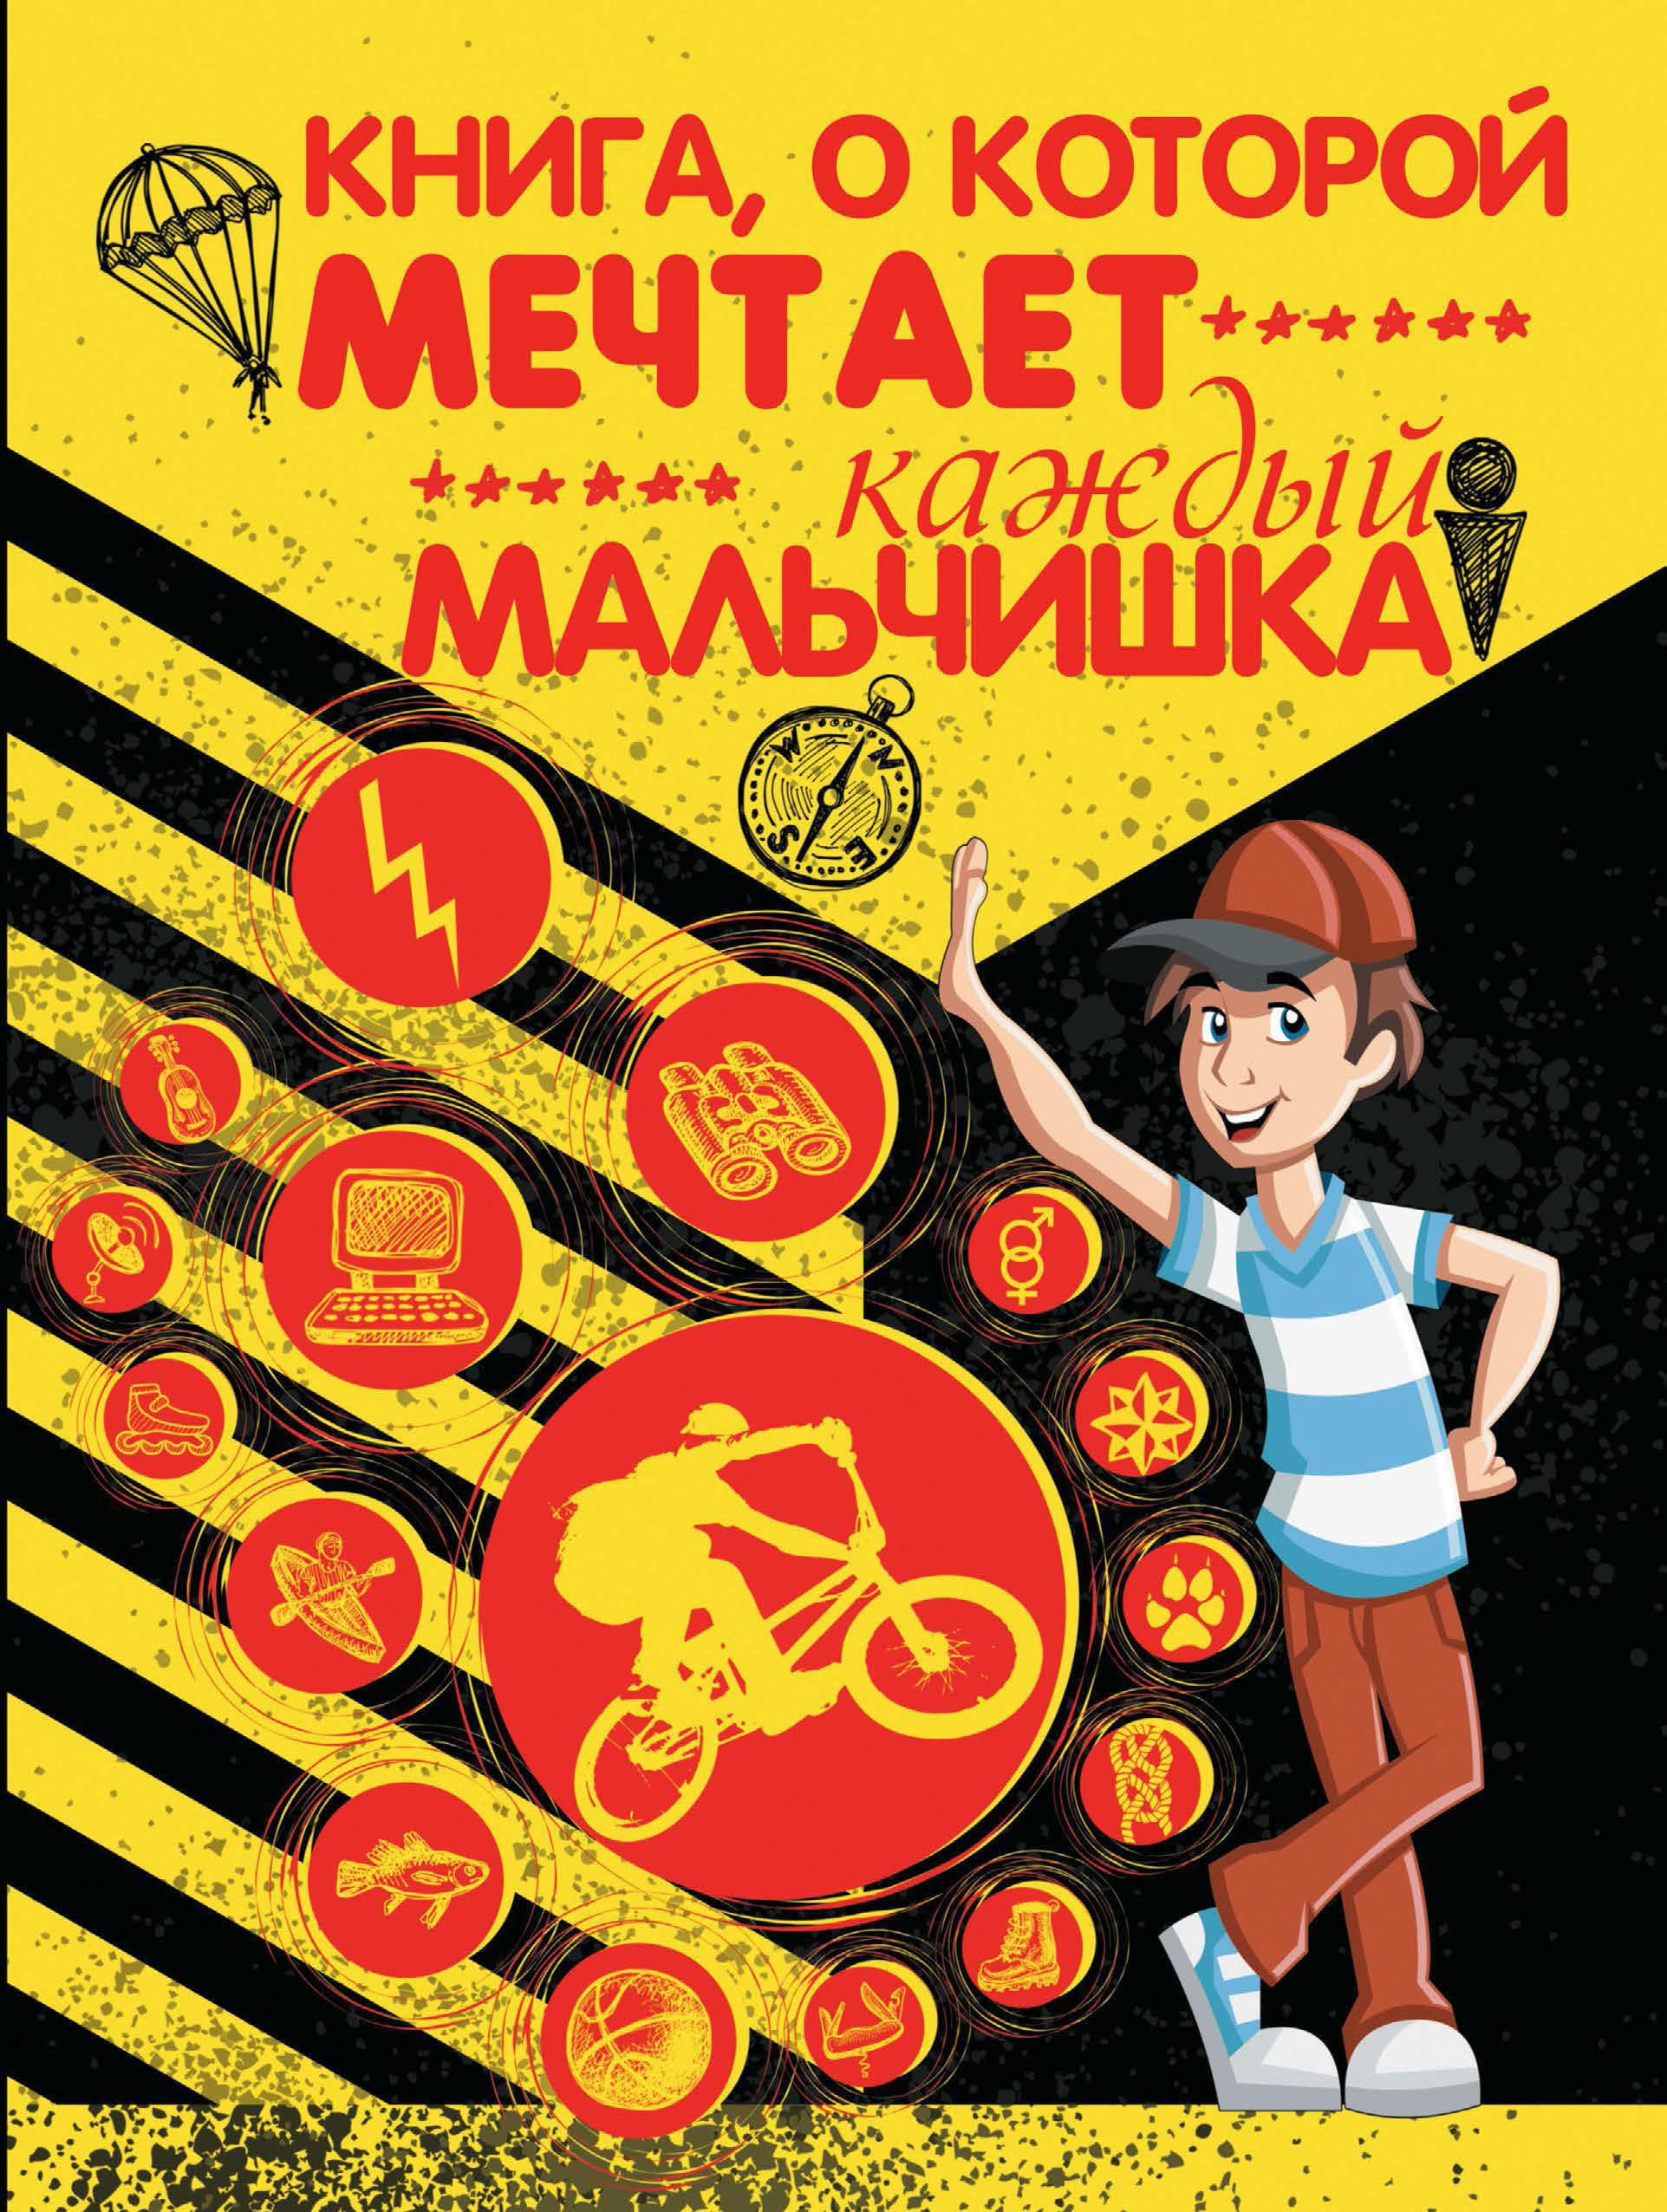 Л. Д. Вайткене Книга, о которой мечтает каждый мальчишка вайткене л книга о которой мечтает каждый мальчишка